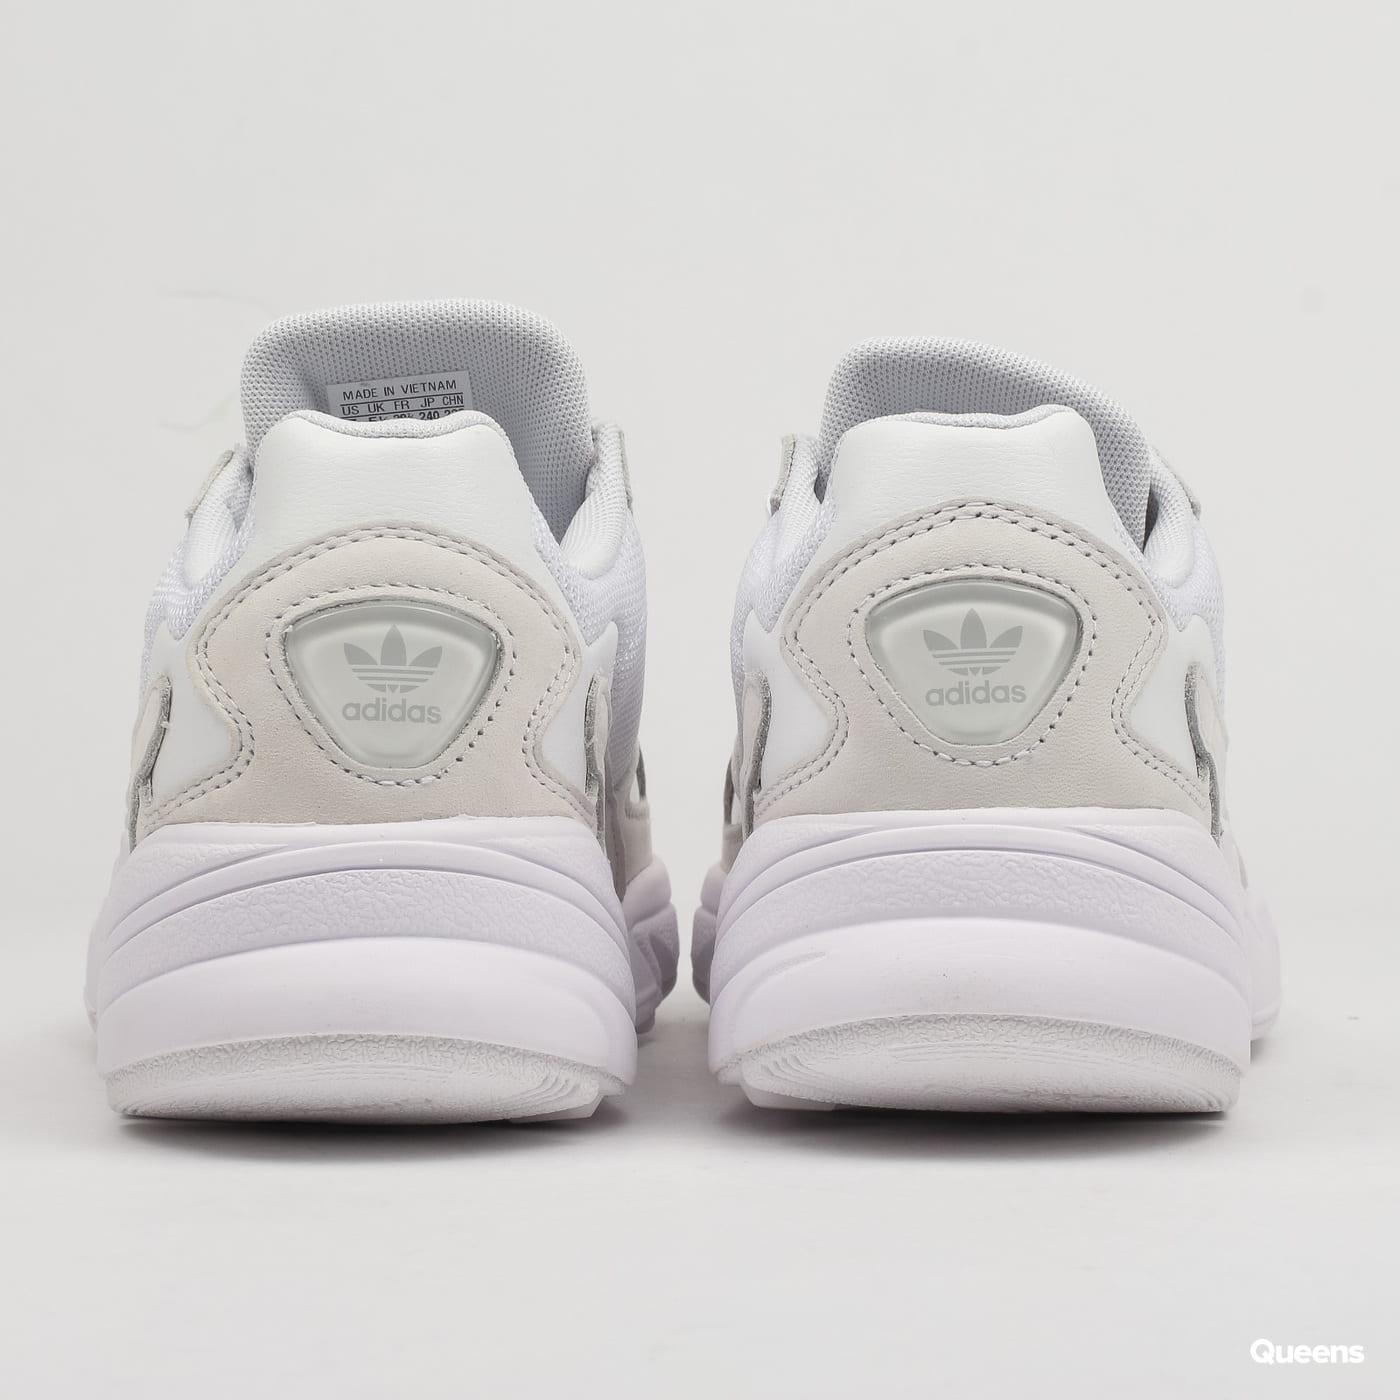 adidas Originals Falcon W ftwwht / ftwwht / crywht